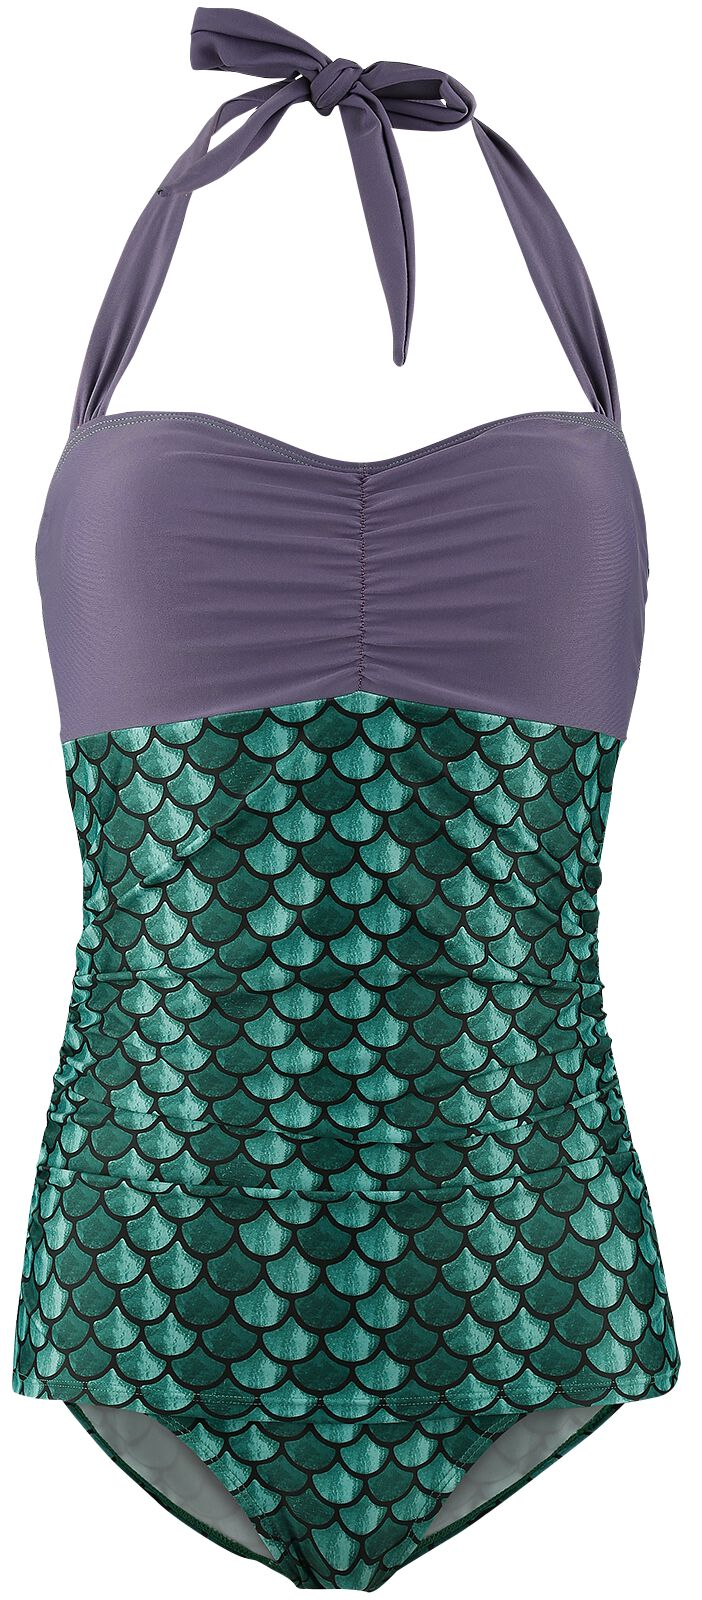 Merch dla Fanów - Odzież kąpielowa - Kostium kąpielowy Ariel - Mała Syrenka Costume Swimsuit Kostium kąpielowy wielokolorowy - 342856